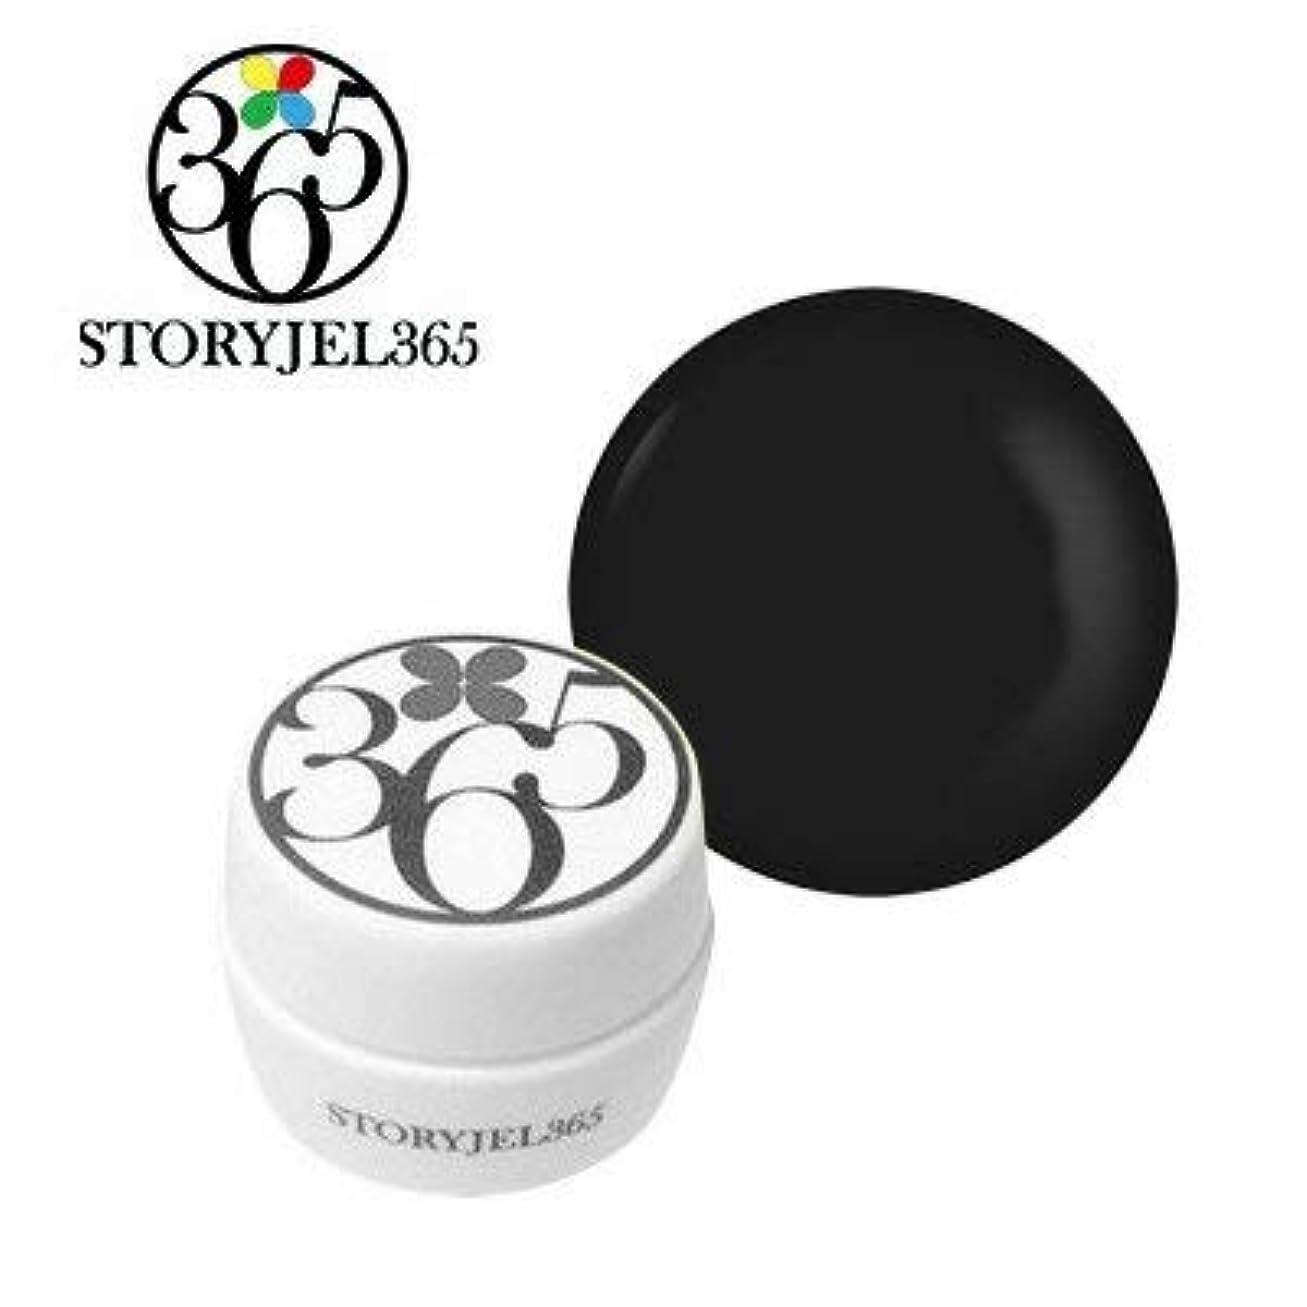 ヶ月目パイプありがたいSTORYJEL365 カラージェル 5g (ストーリージェル) SJS-301M-D 聖なる石